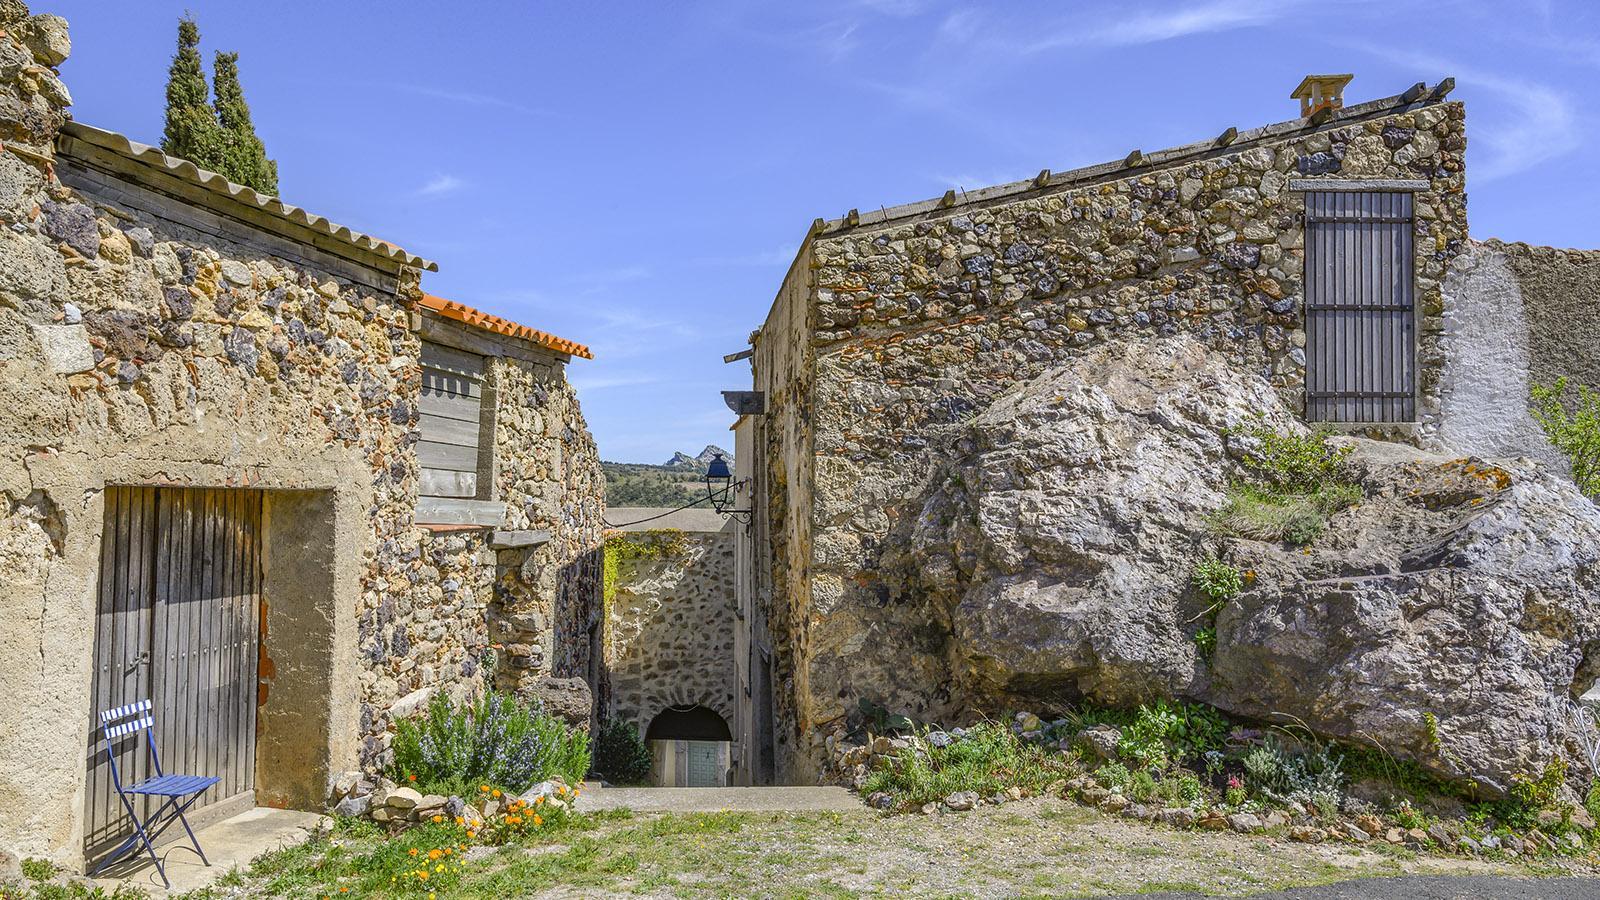 Das Dorf und seine Häuser: Oft wurde der anstehende Fels mit integriert. Foto: Hilke Maunder